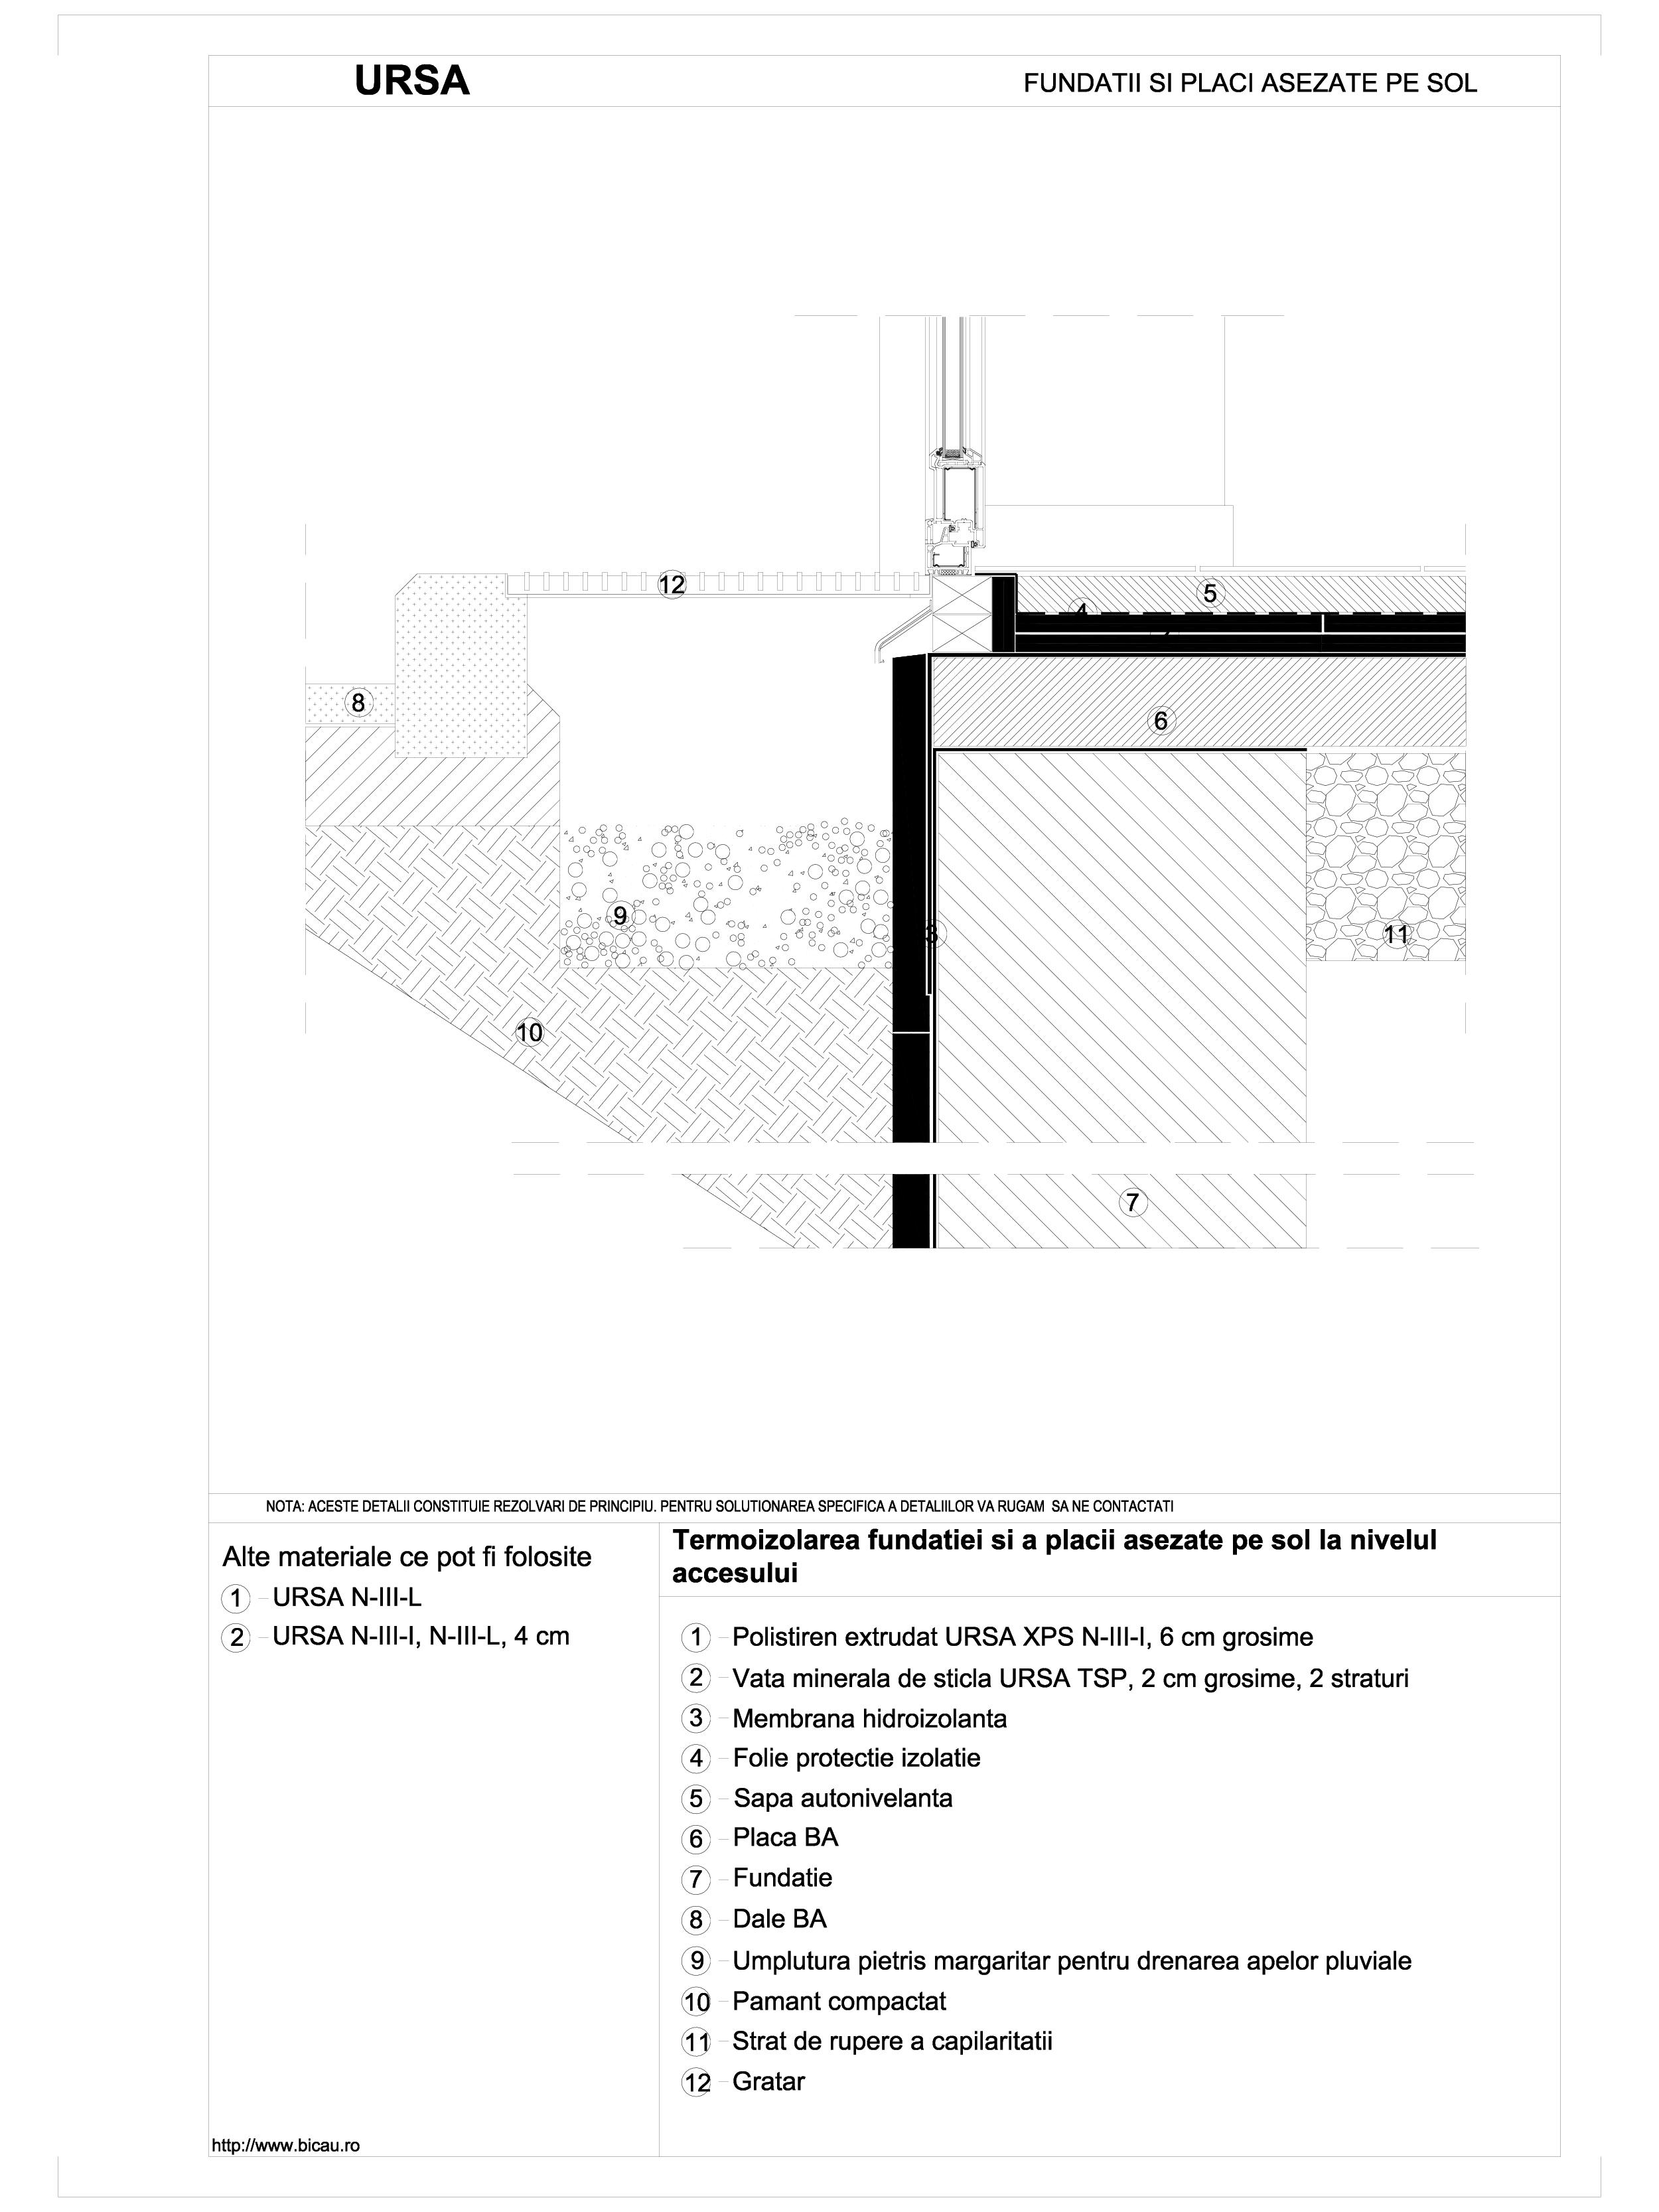 Termoizolarea fundatiei si a placii asezate pe sol la nivelul accesului URSA Vata minerala de sticla pentru fatade ventilate URSA ROMANIA   - Pagina 1